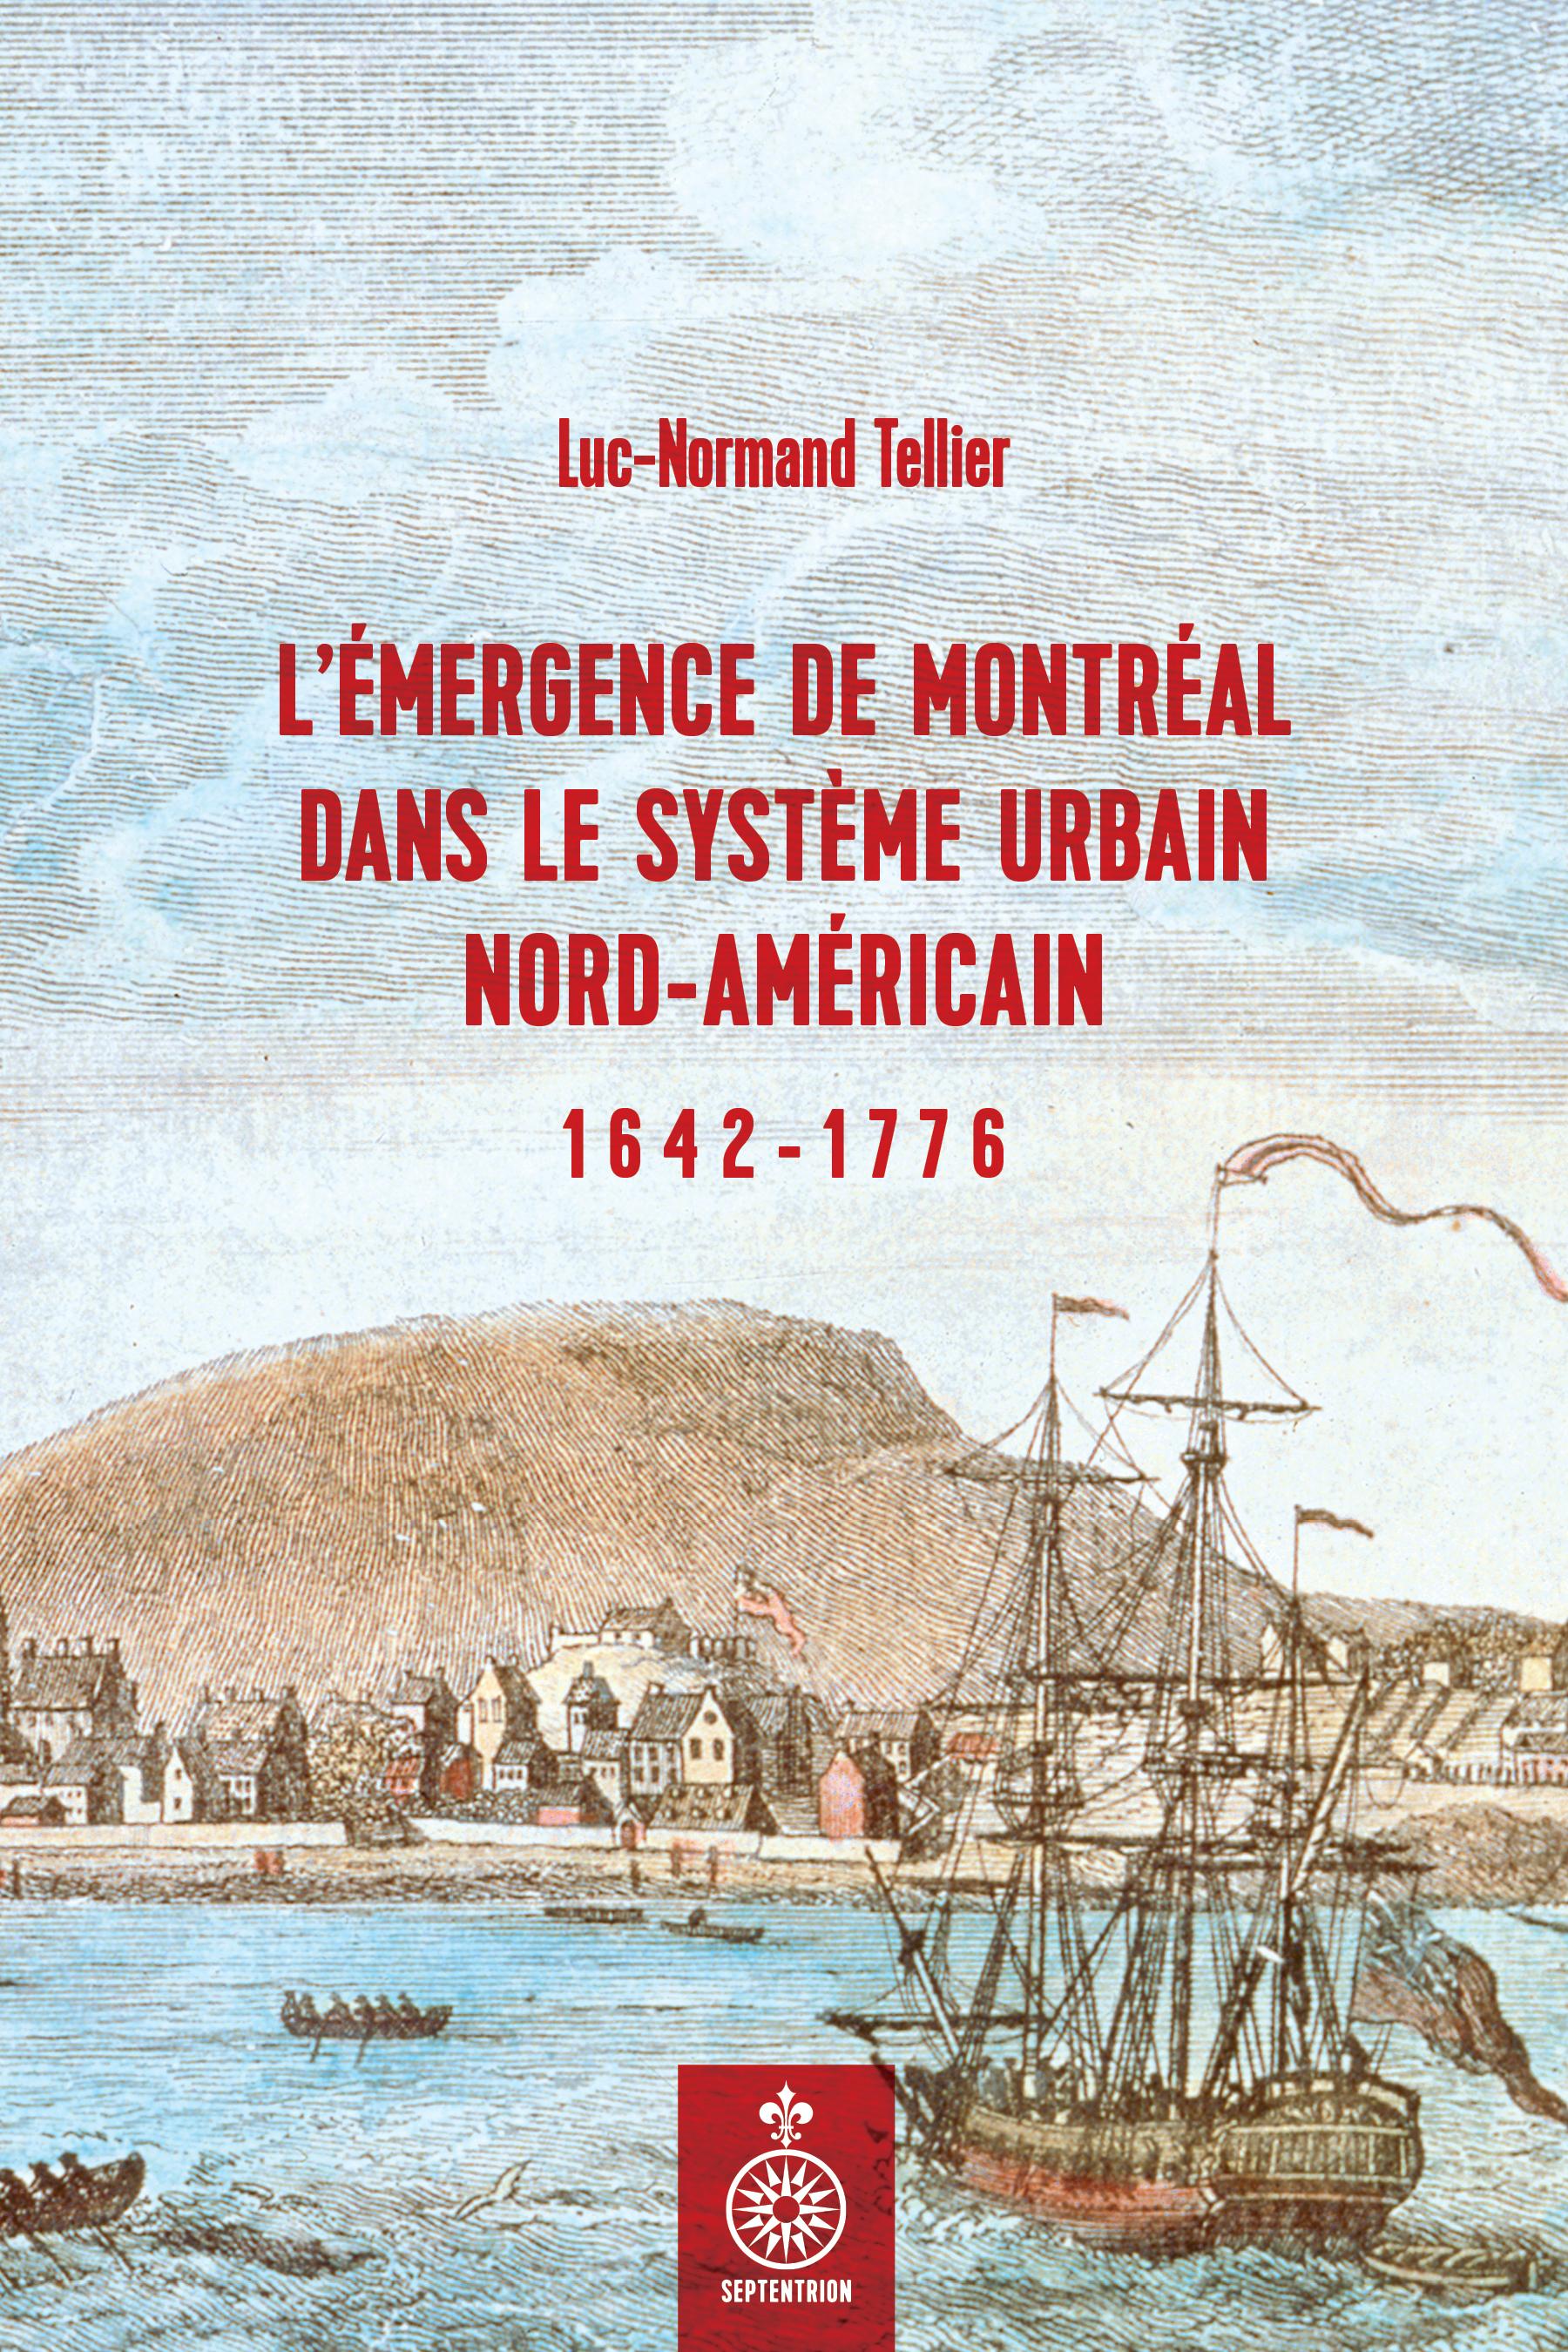 L'Émergence de Montréal dans le système urbain nord-américain